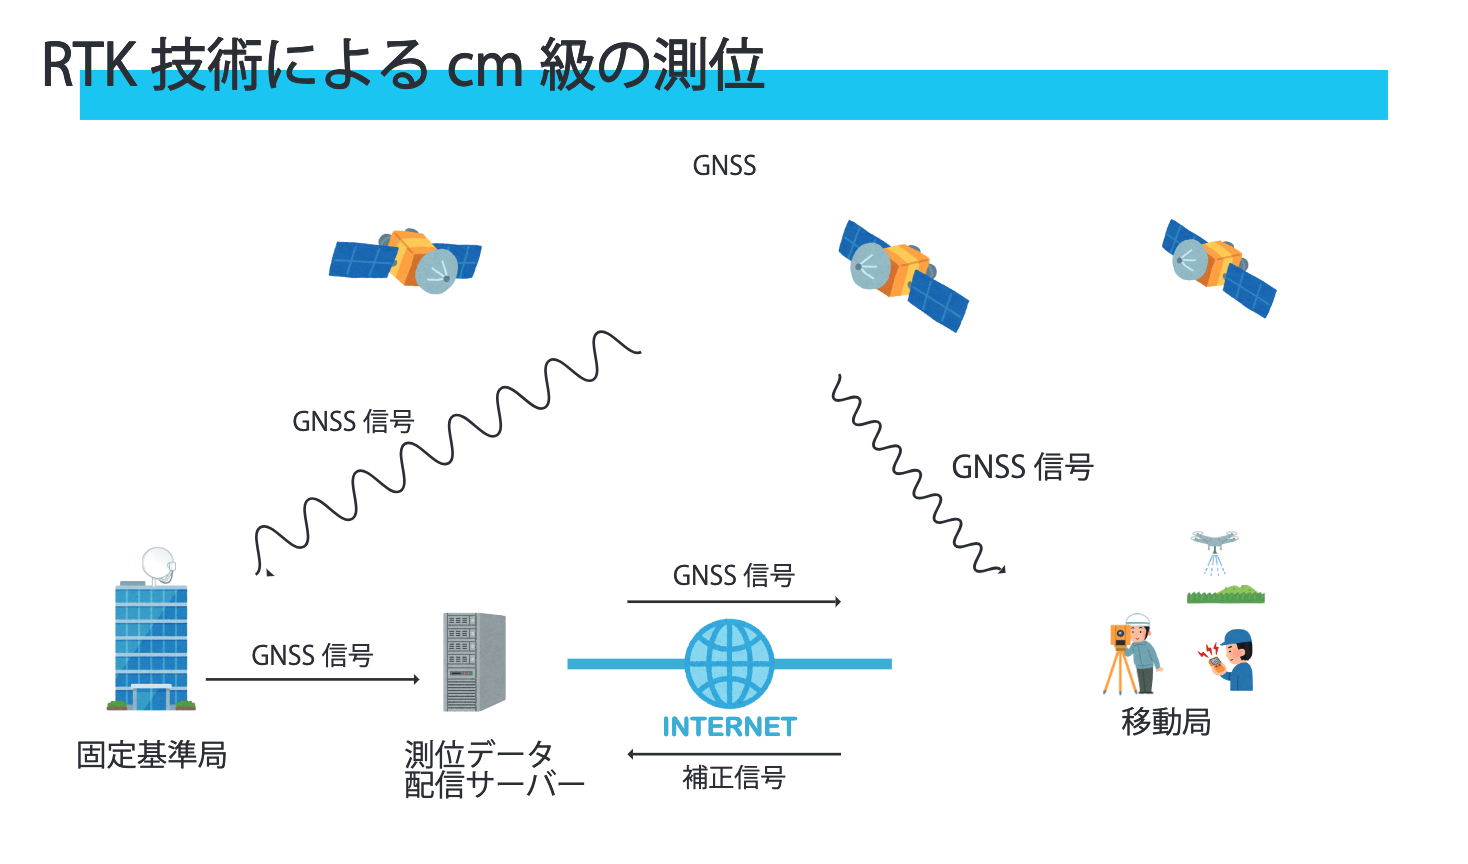 高精度測位(RTK-GNSS)活用セミナーのご案内